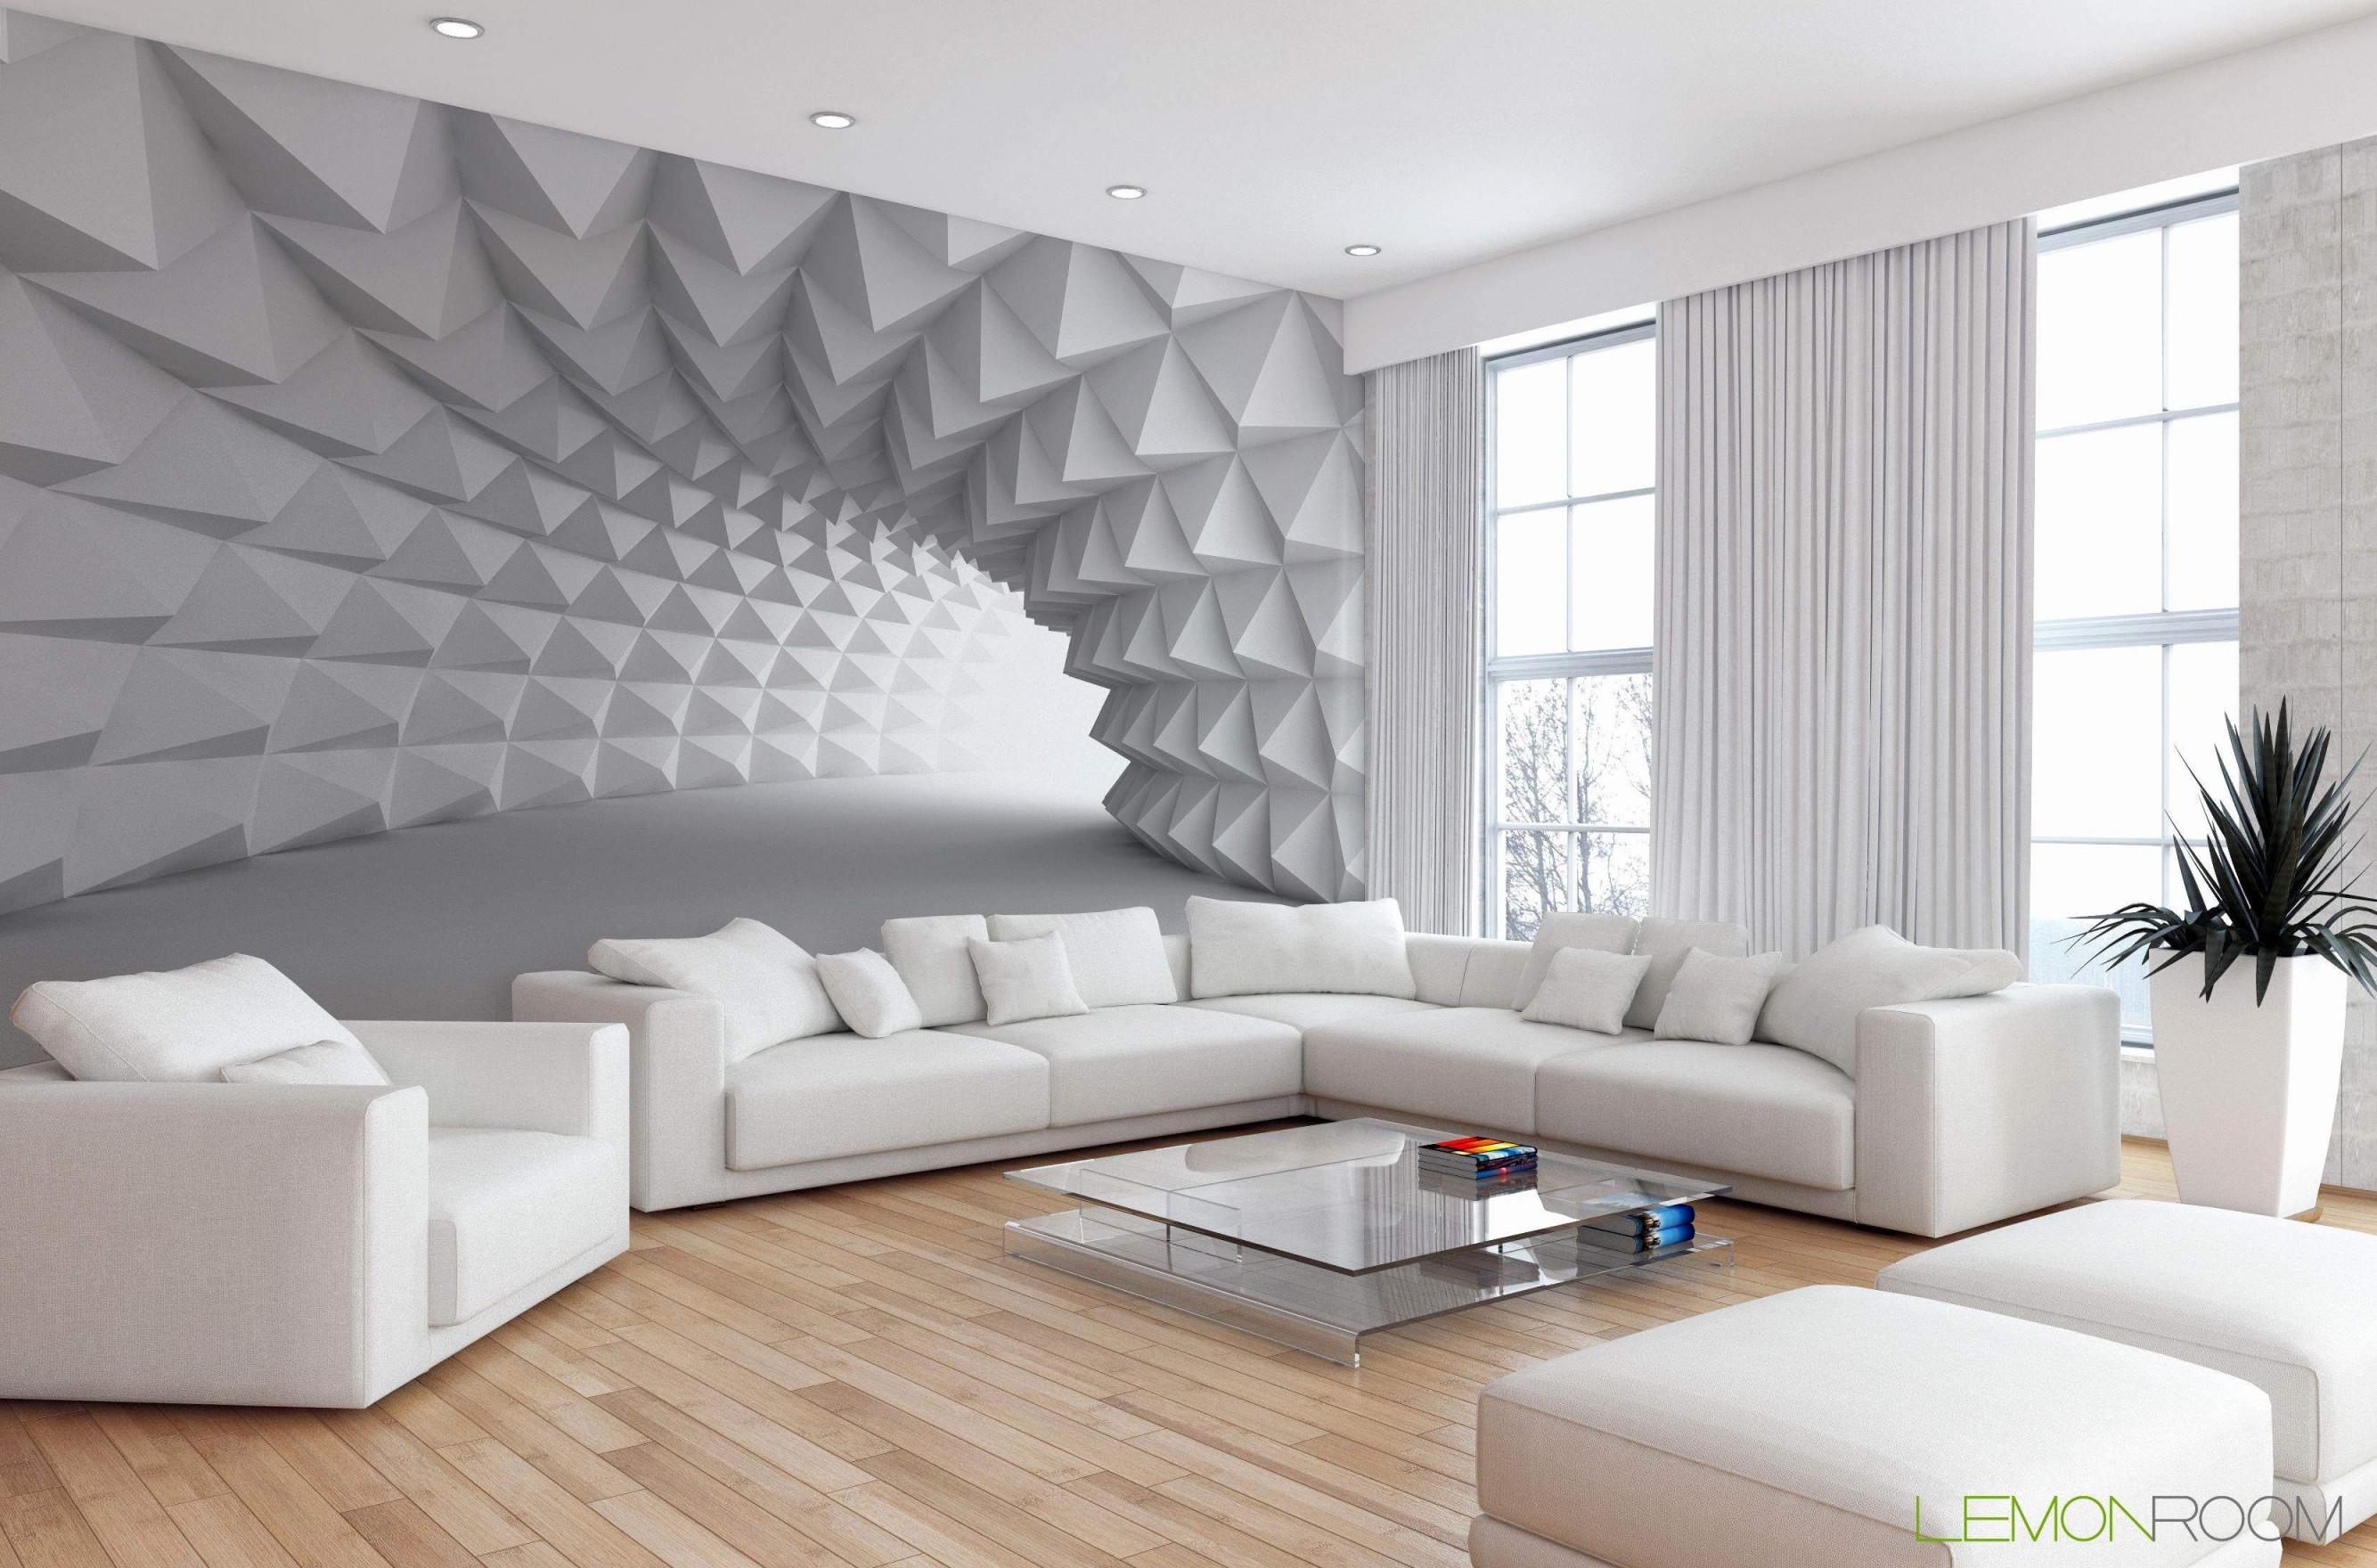 Moderne Wohnzimmer Tapeten Schön 31 Inspirierend Moderne von Tapeten Wohnzimmer Modern Photo